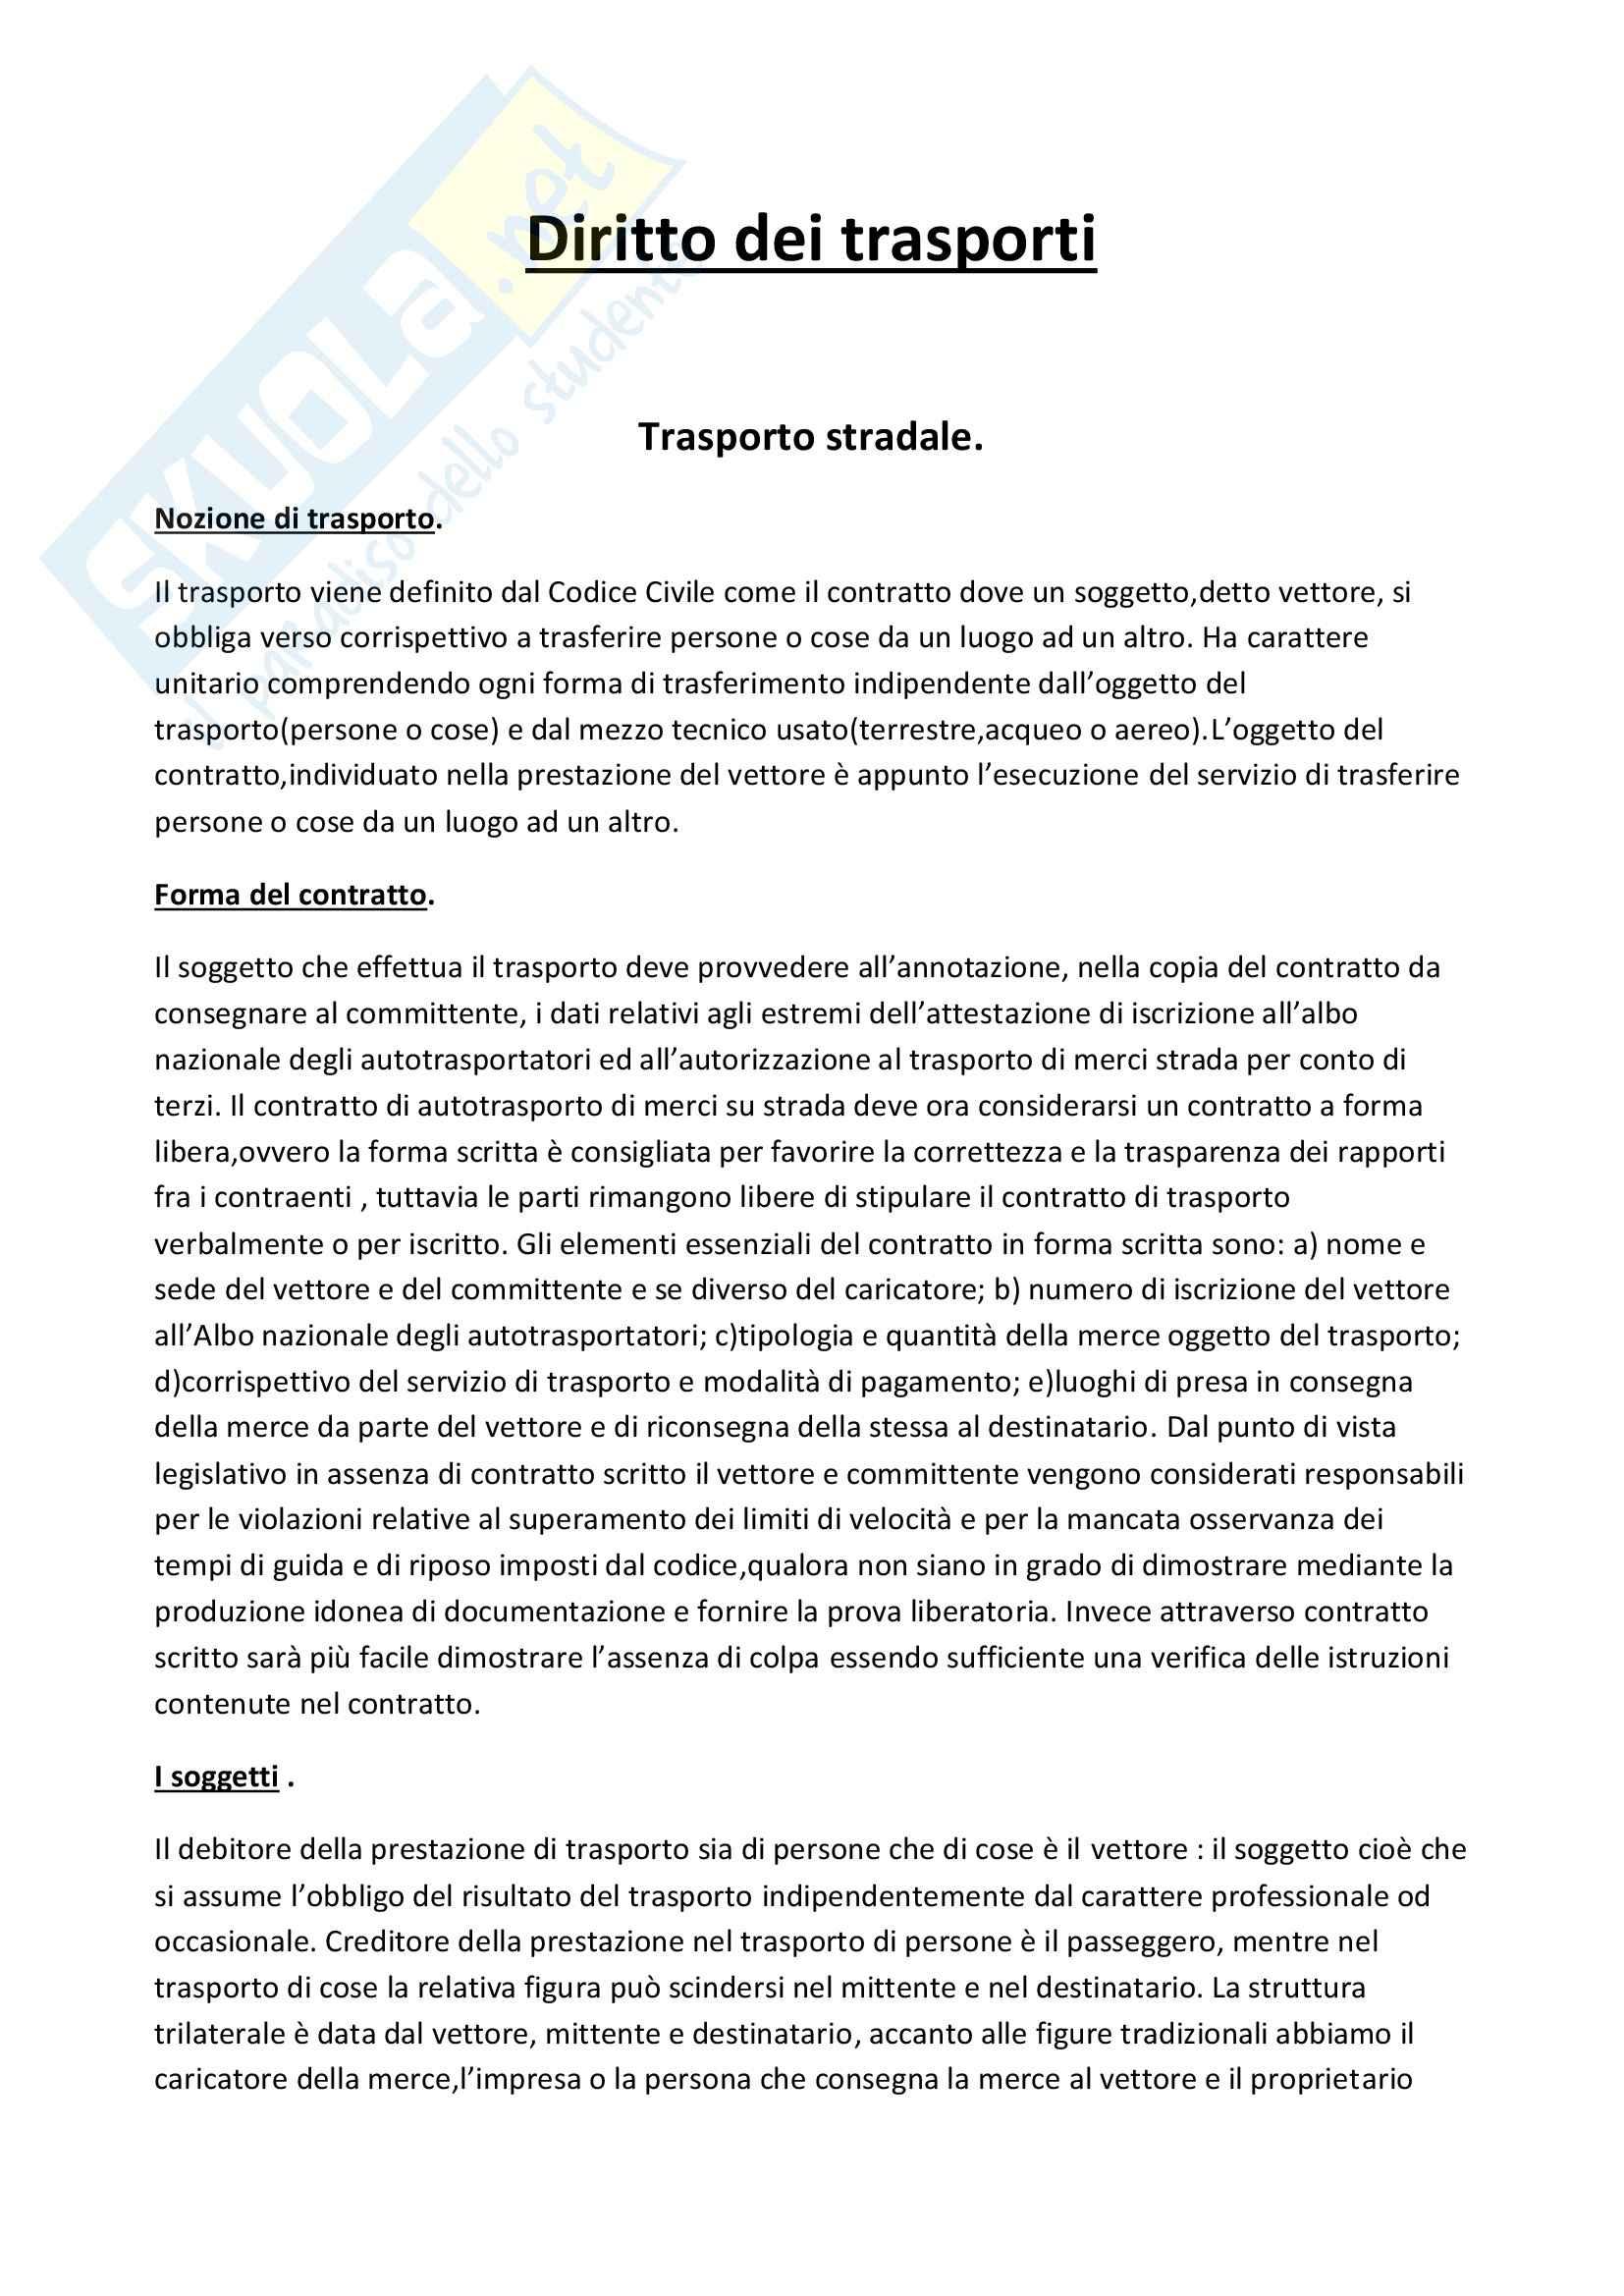 Diritto dei trasporti - Appunti